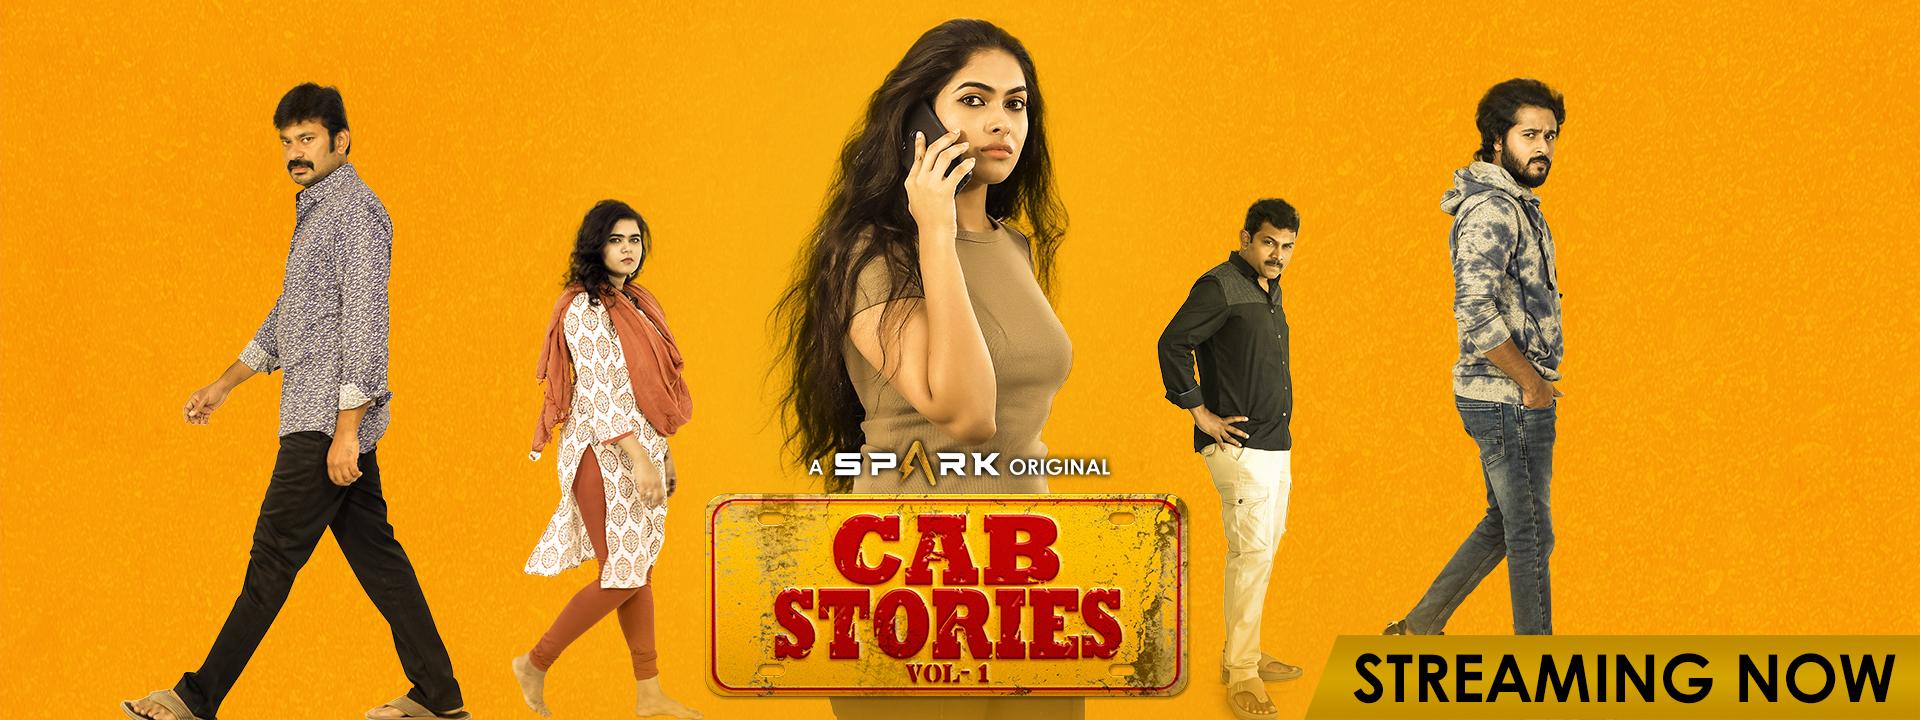 Cab-Stories(Telugu)